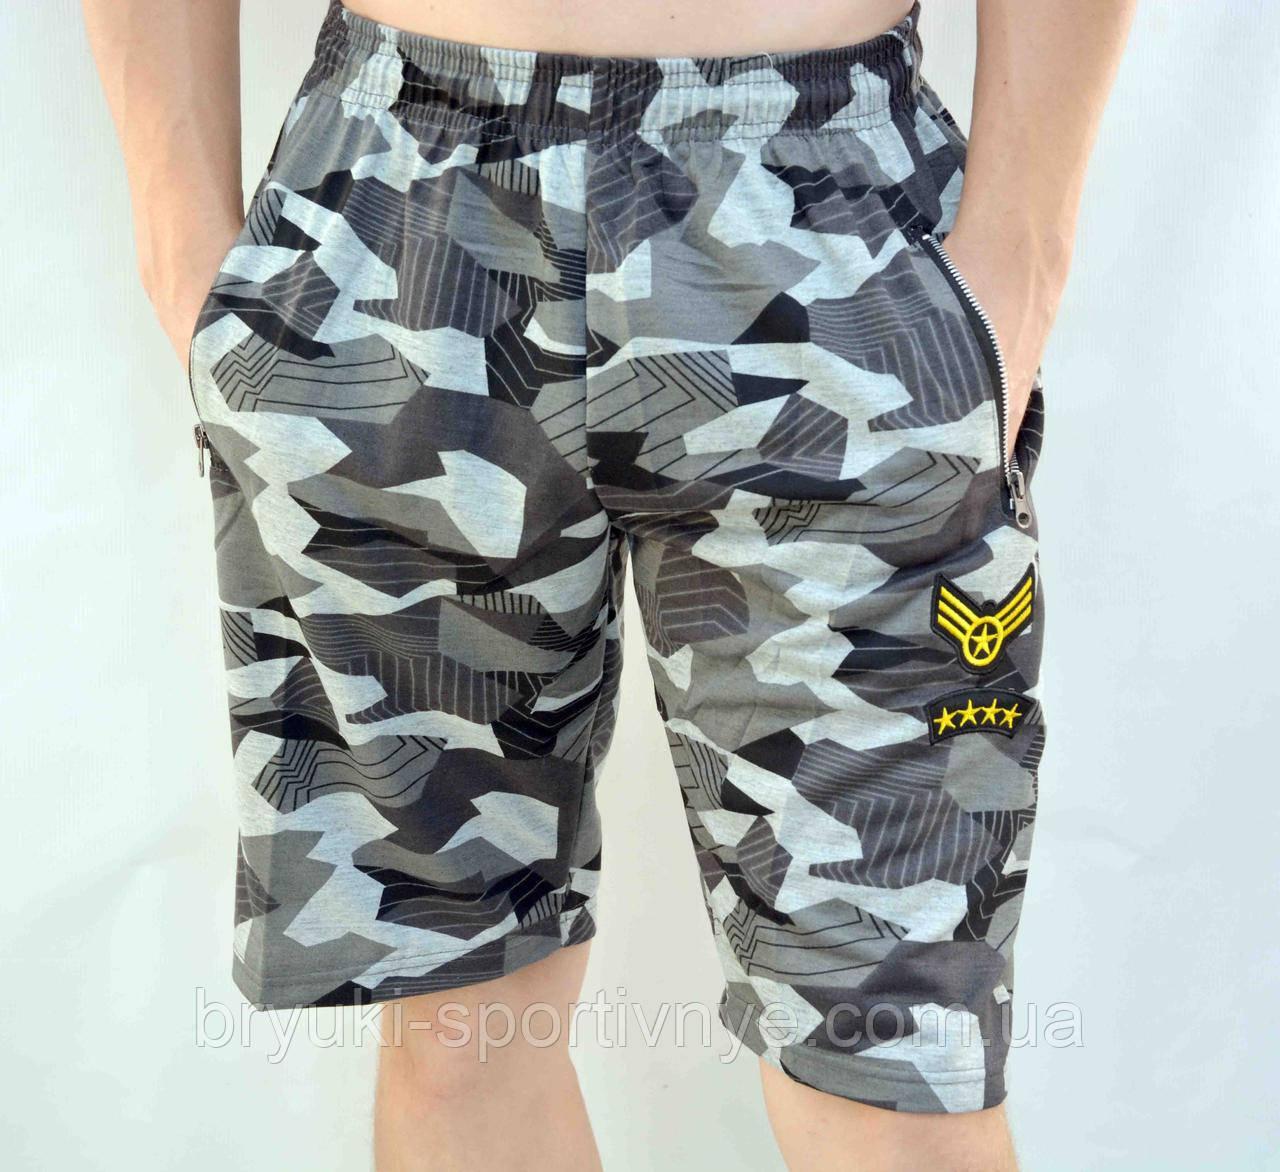 Шорты мужские камуфляжные с шевроном и молниями на карманах М - 4XL